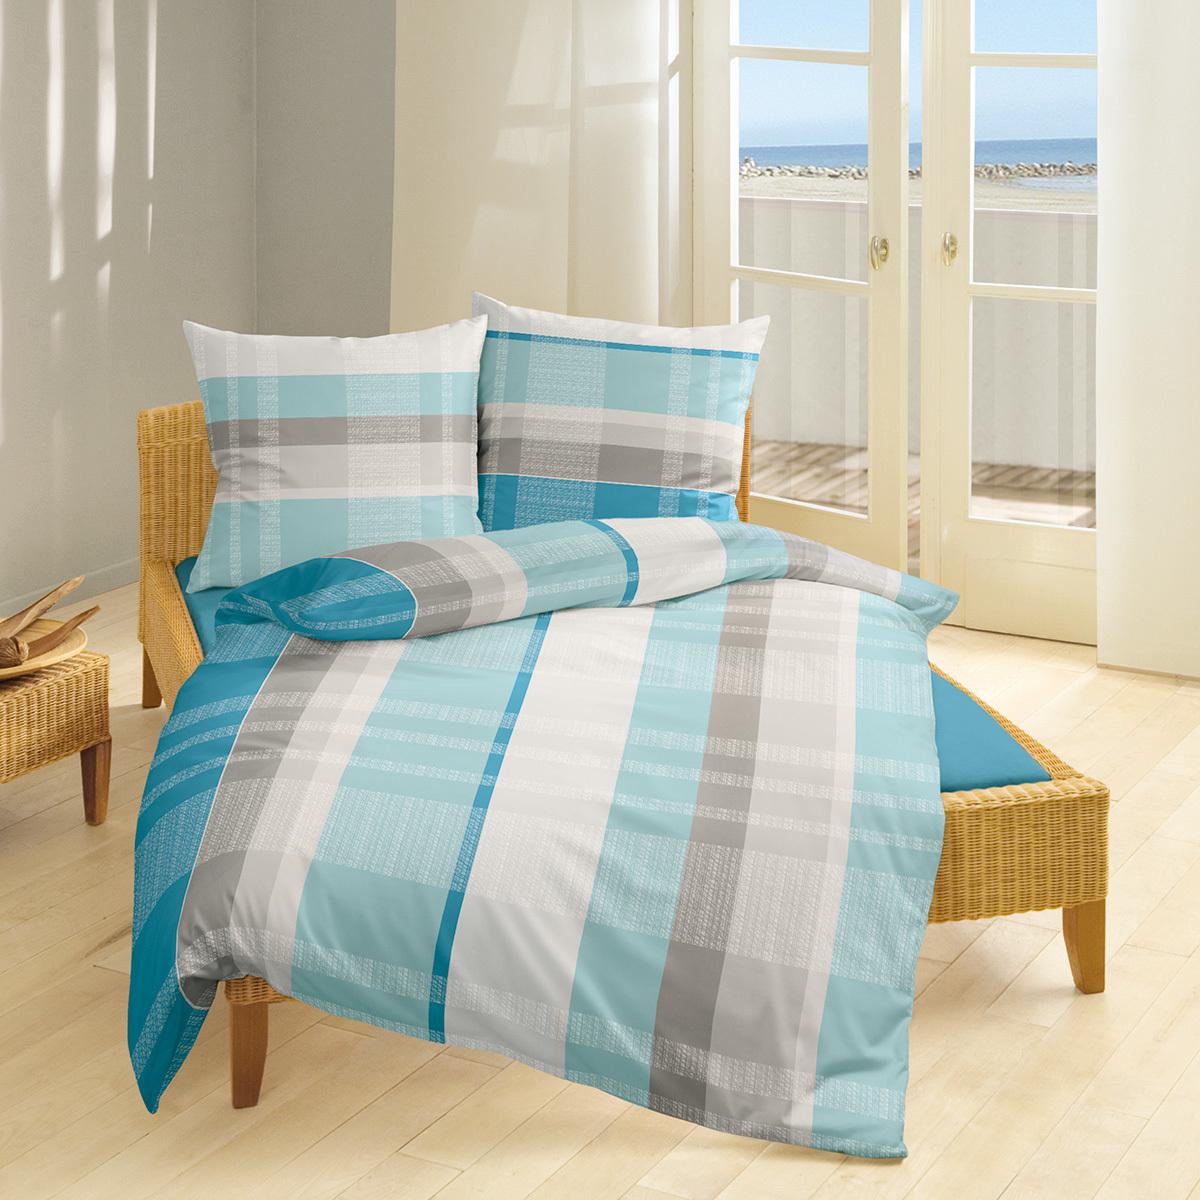 Bierbaum Single Jersey Bettwäsche 3017 Aqua Günstig Online Kaufen